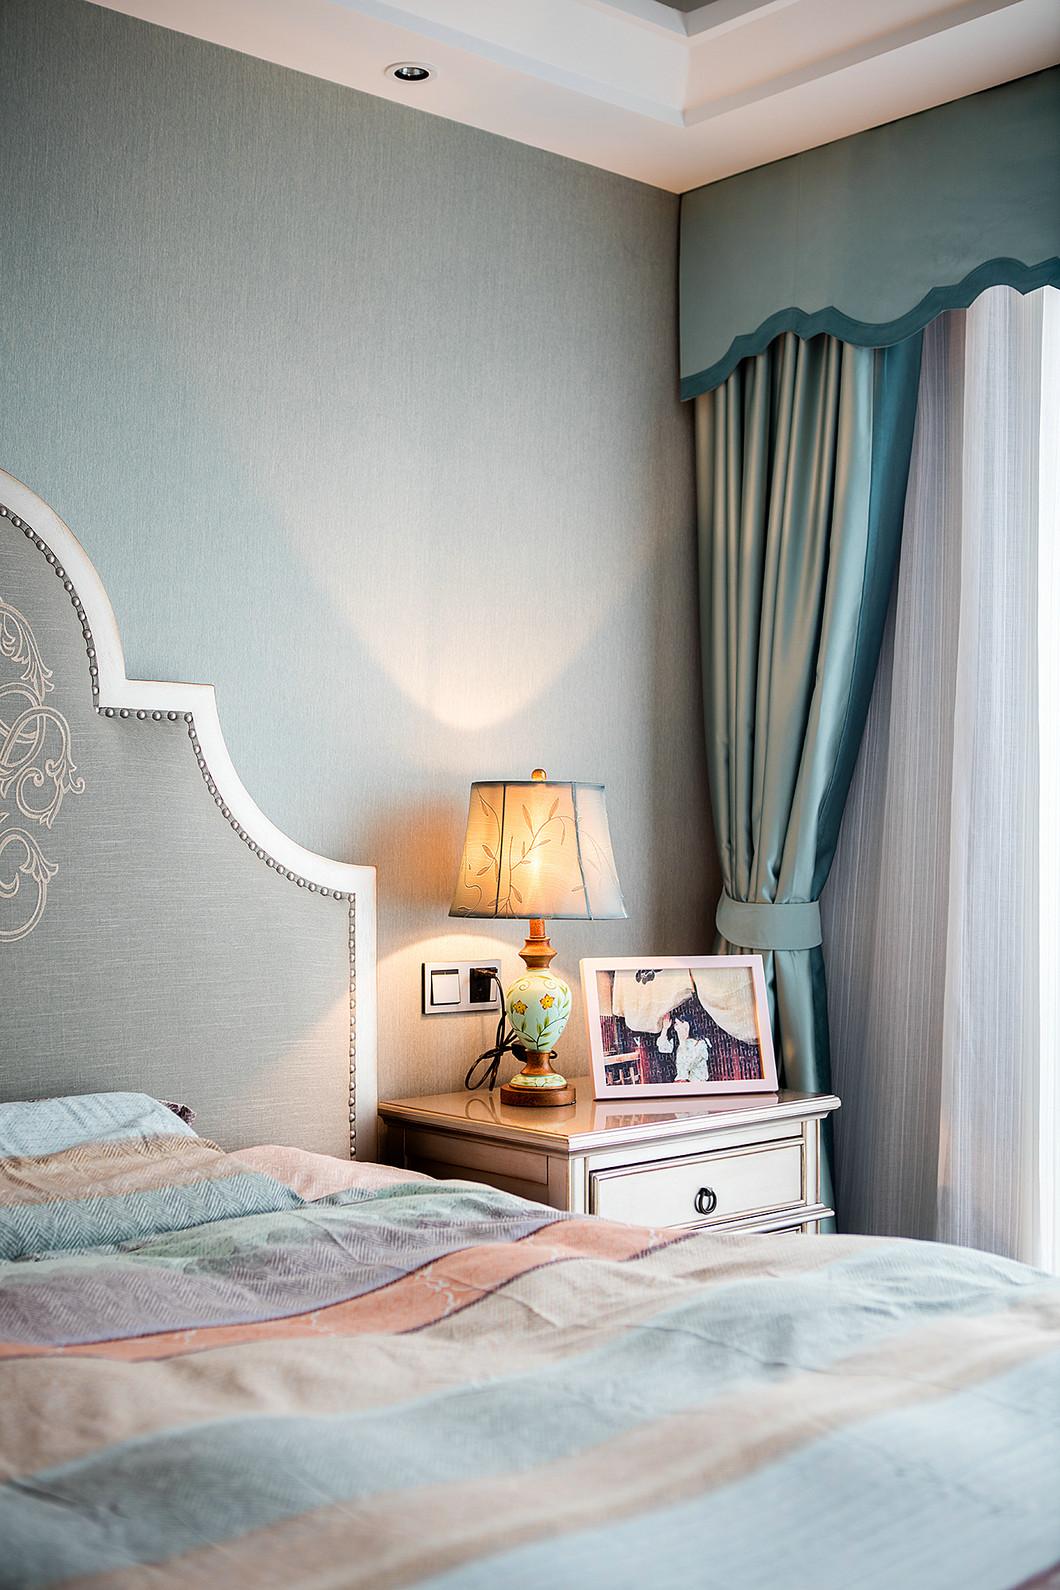 三居室美式风设计床头背景墙